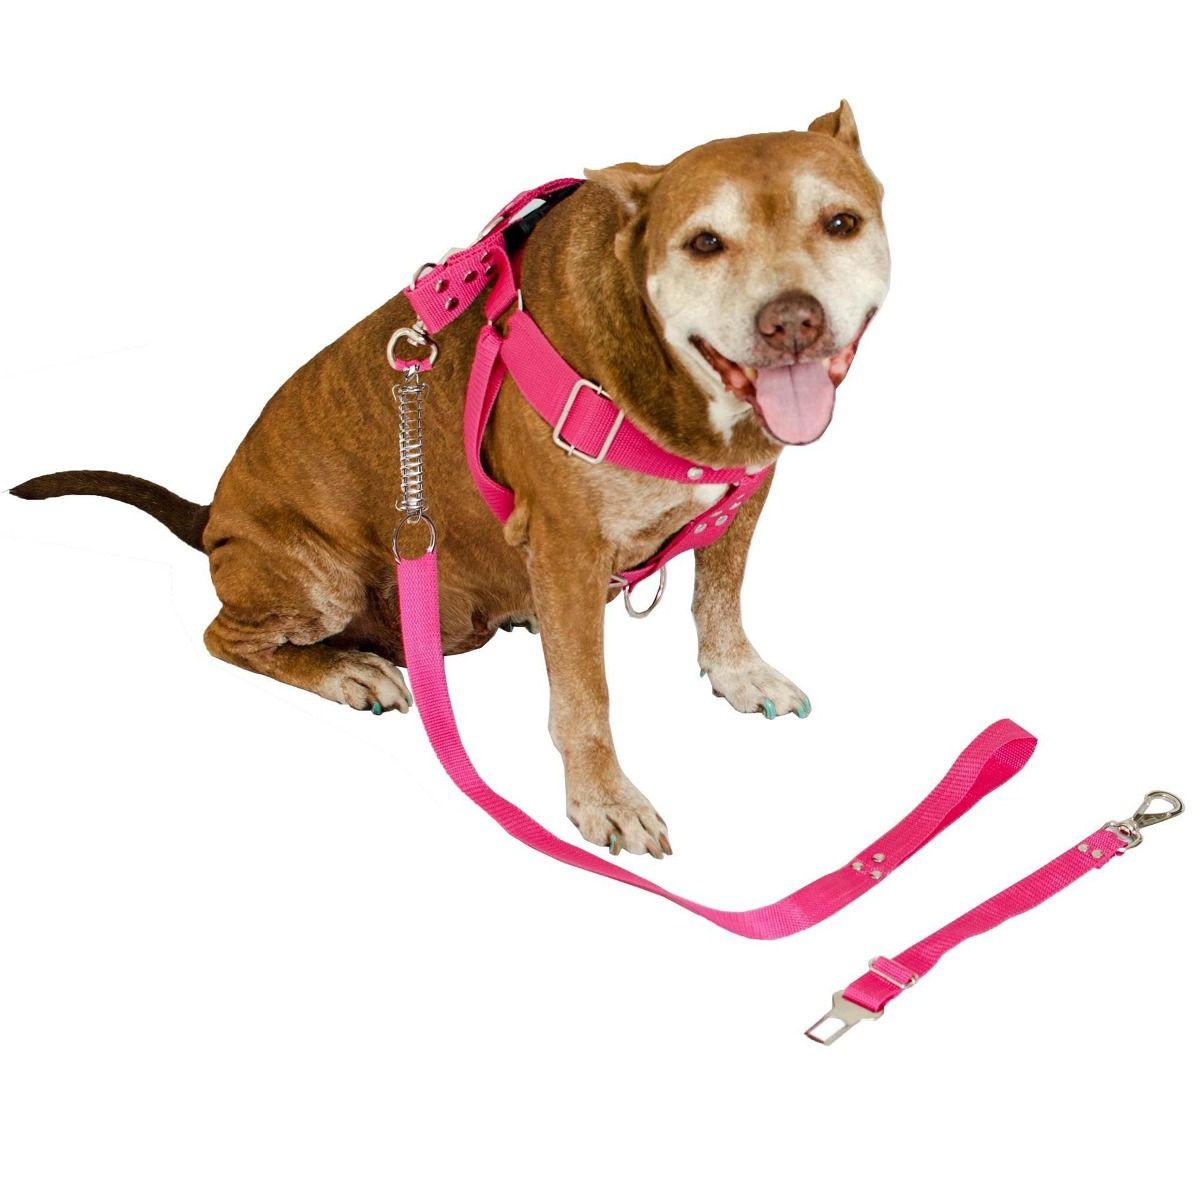 Kit 2x Coleira Peitoral Guia Cinto Segurança Cachorro Doberman Pitbull Anti Puxao - M Rosa + Vermelho